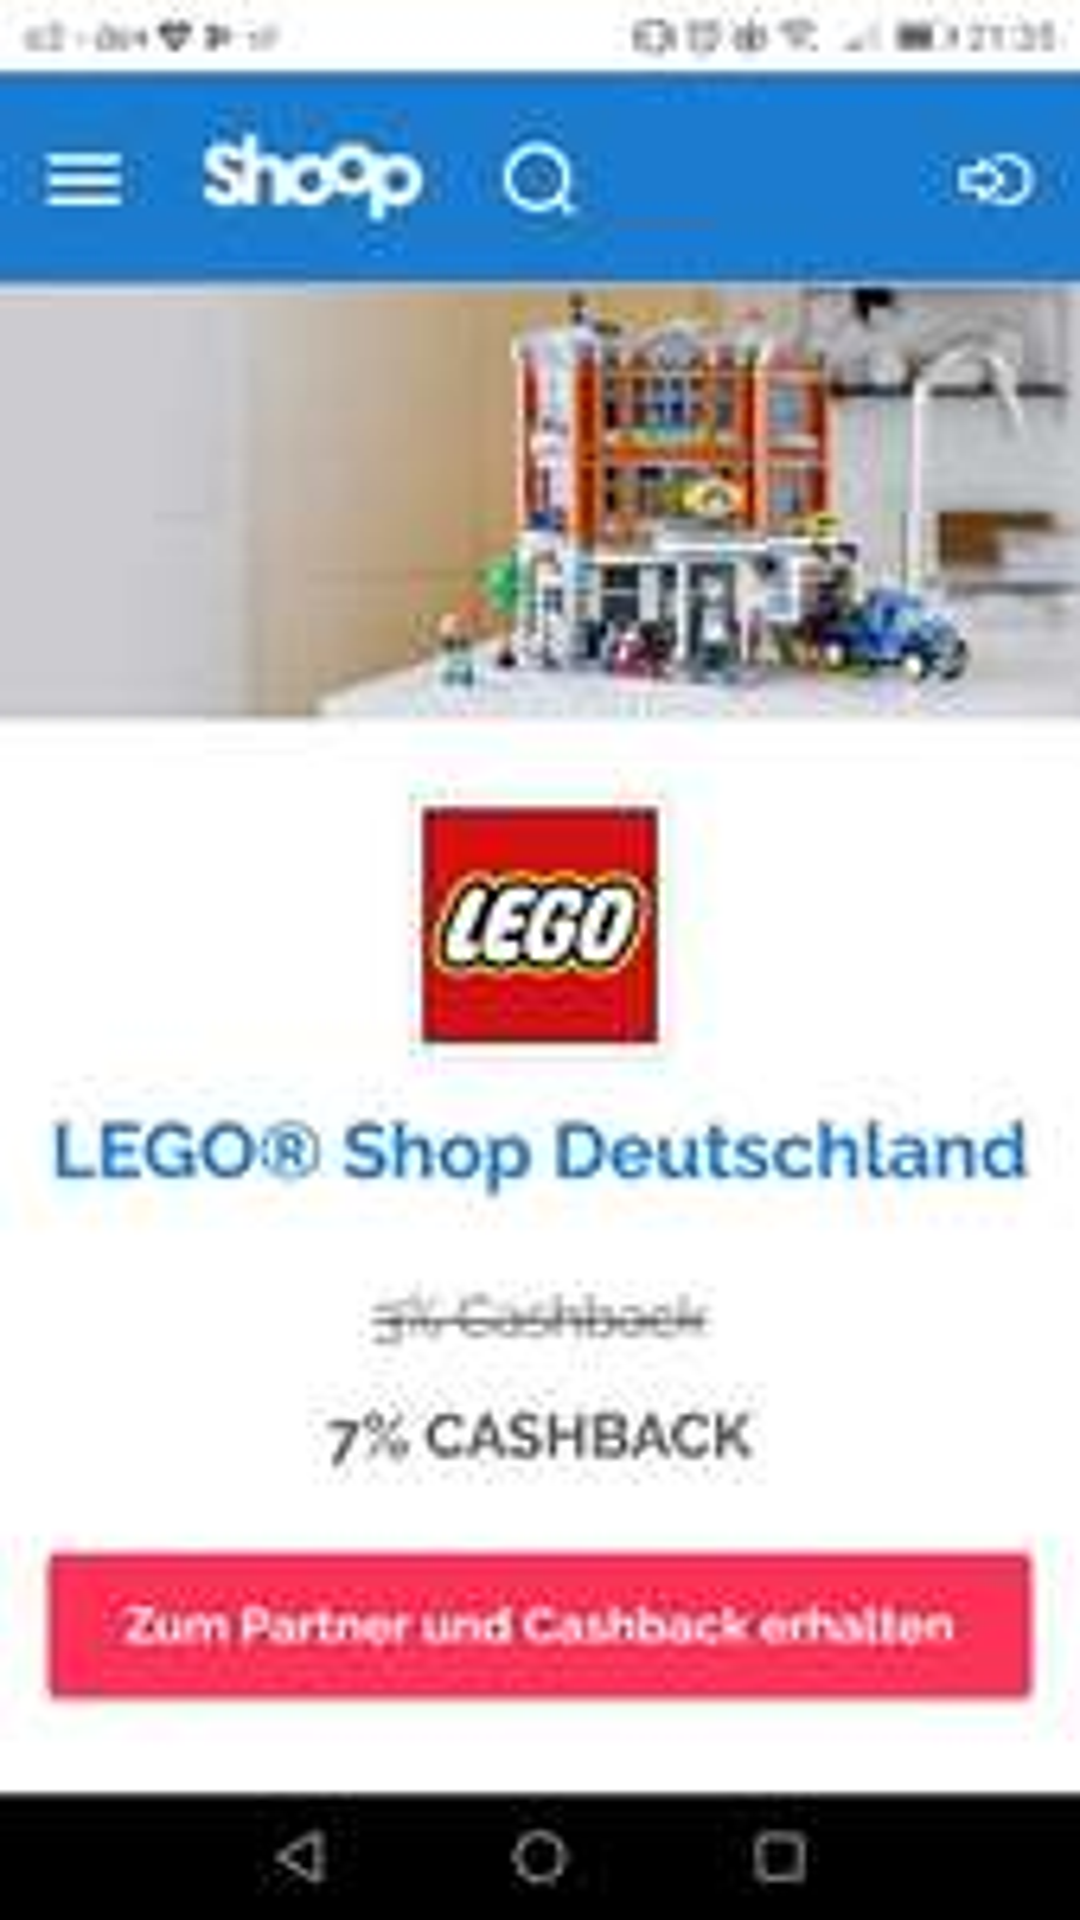 Shoop - 7% Cashback im Lego Shop